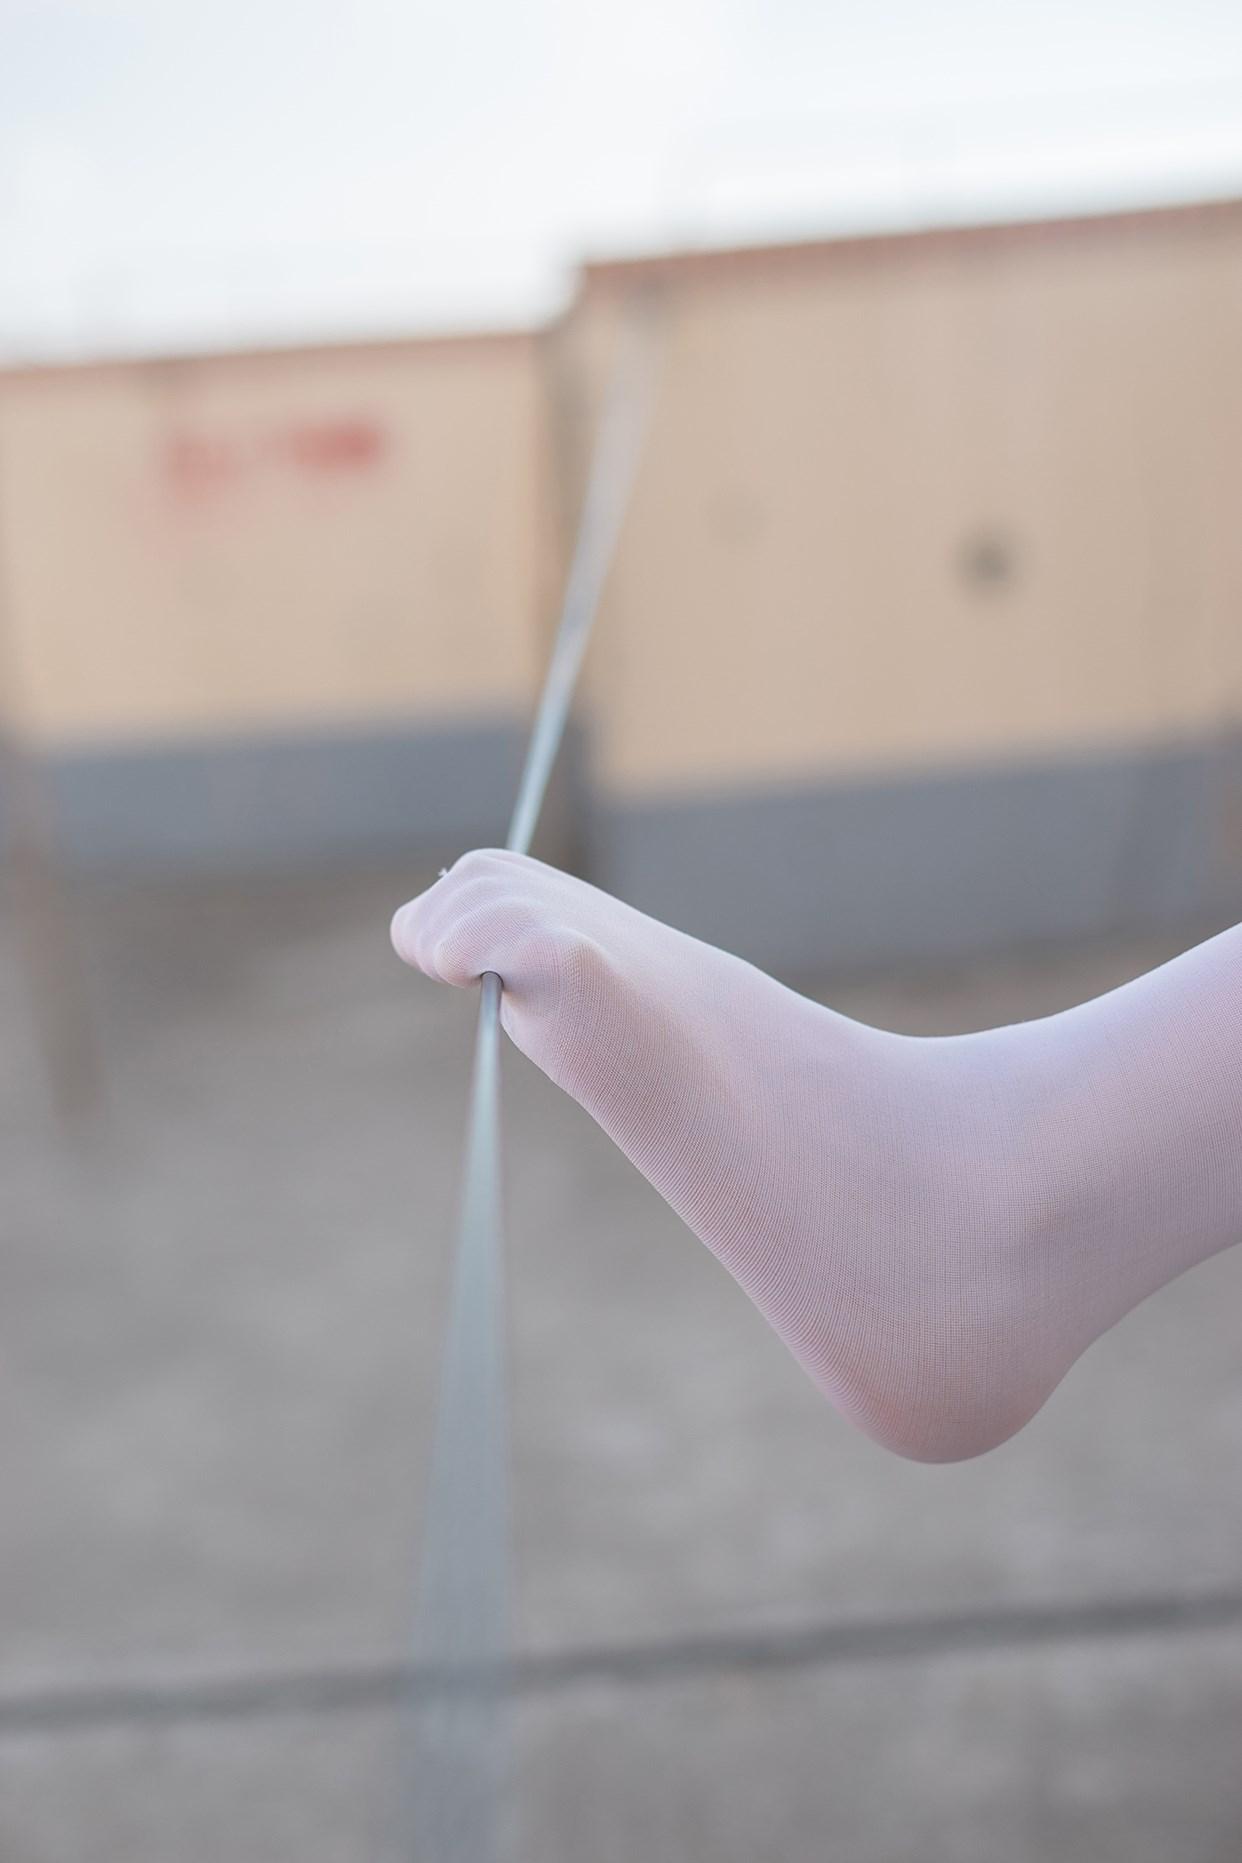 【兔玩映画】萝莉的白丝袜 兔玩映画 第22张